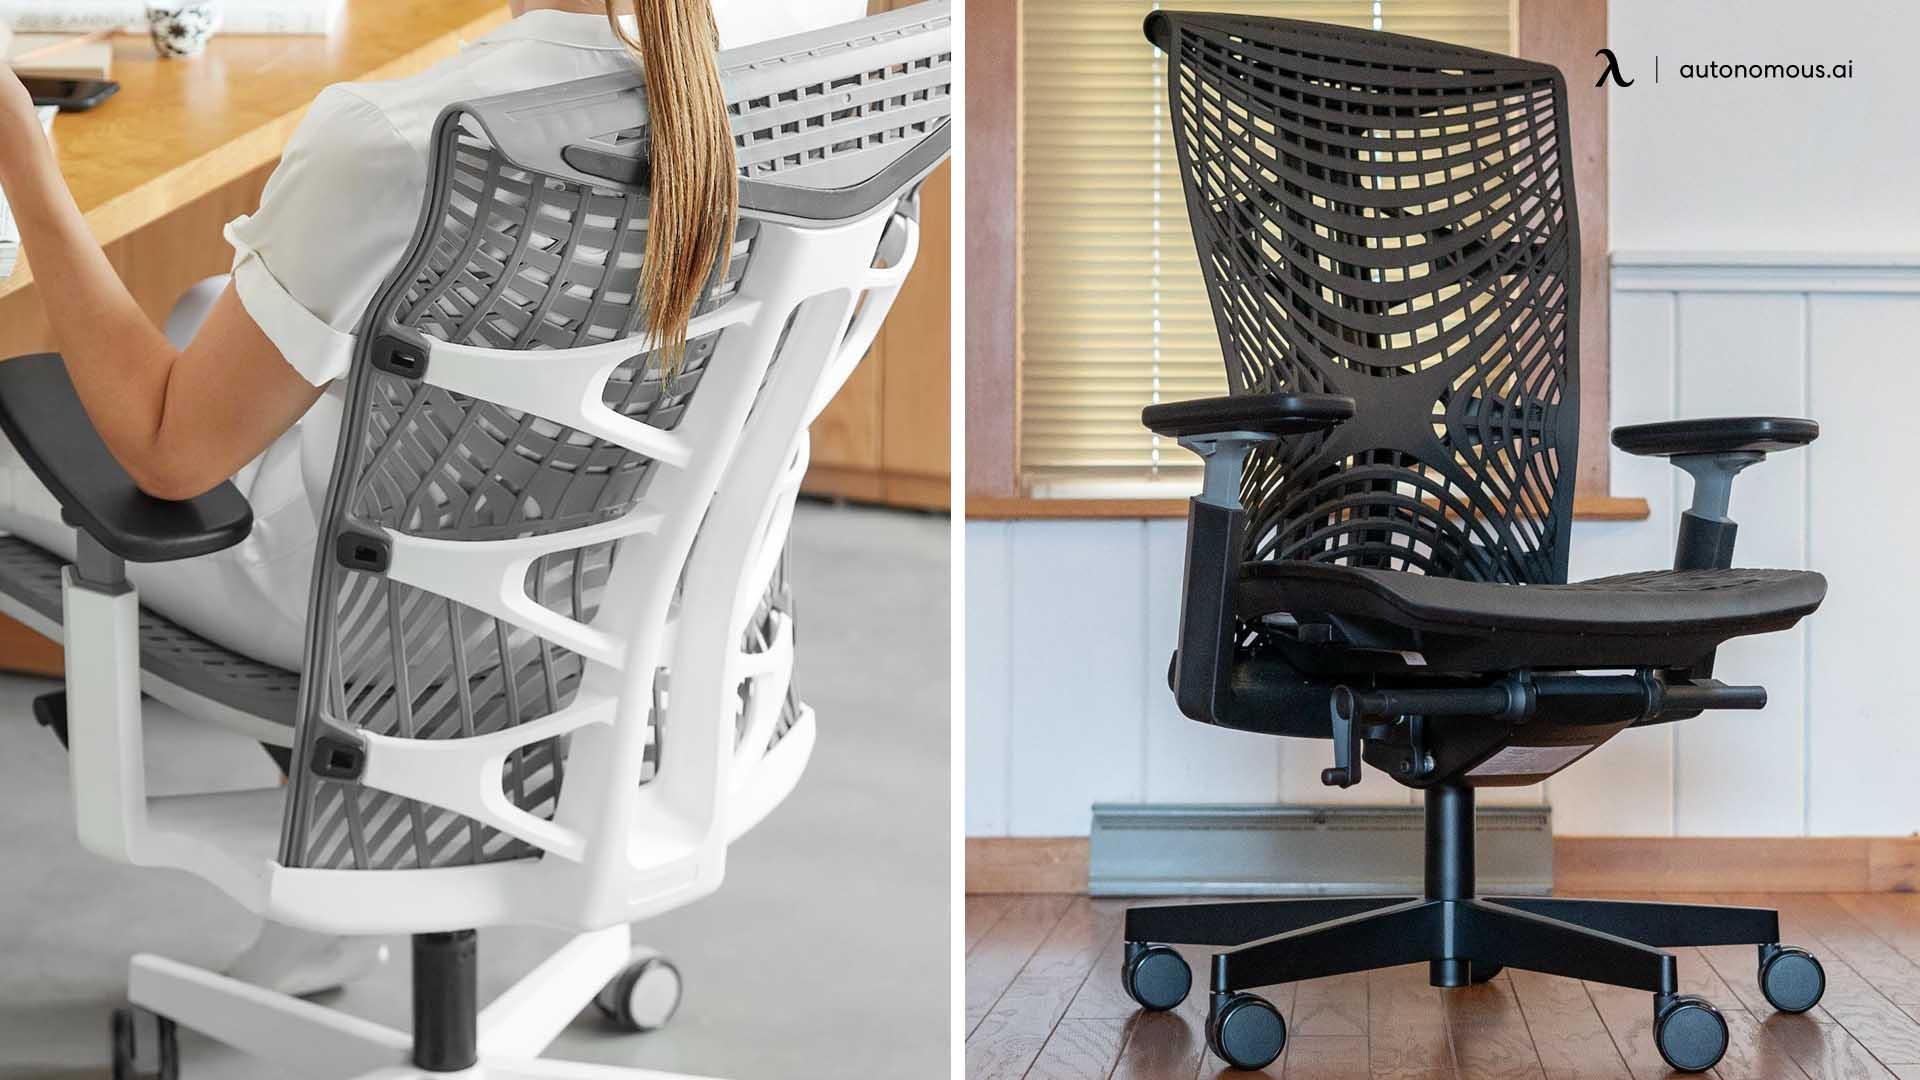 Kinn Chair - Special fishbone design chair